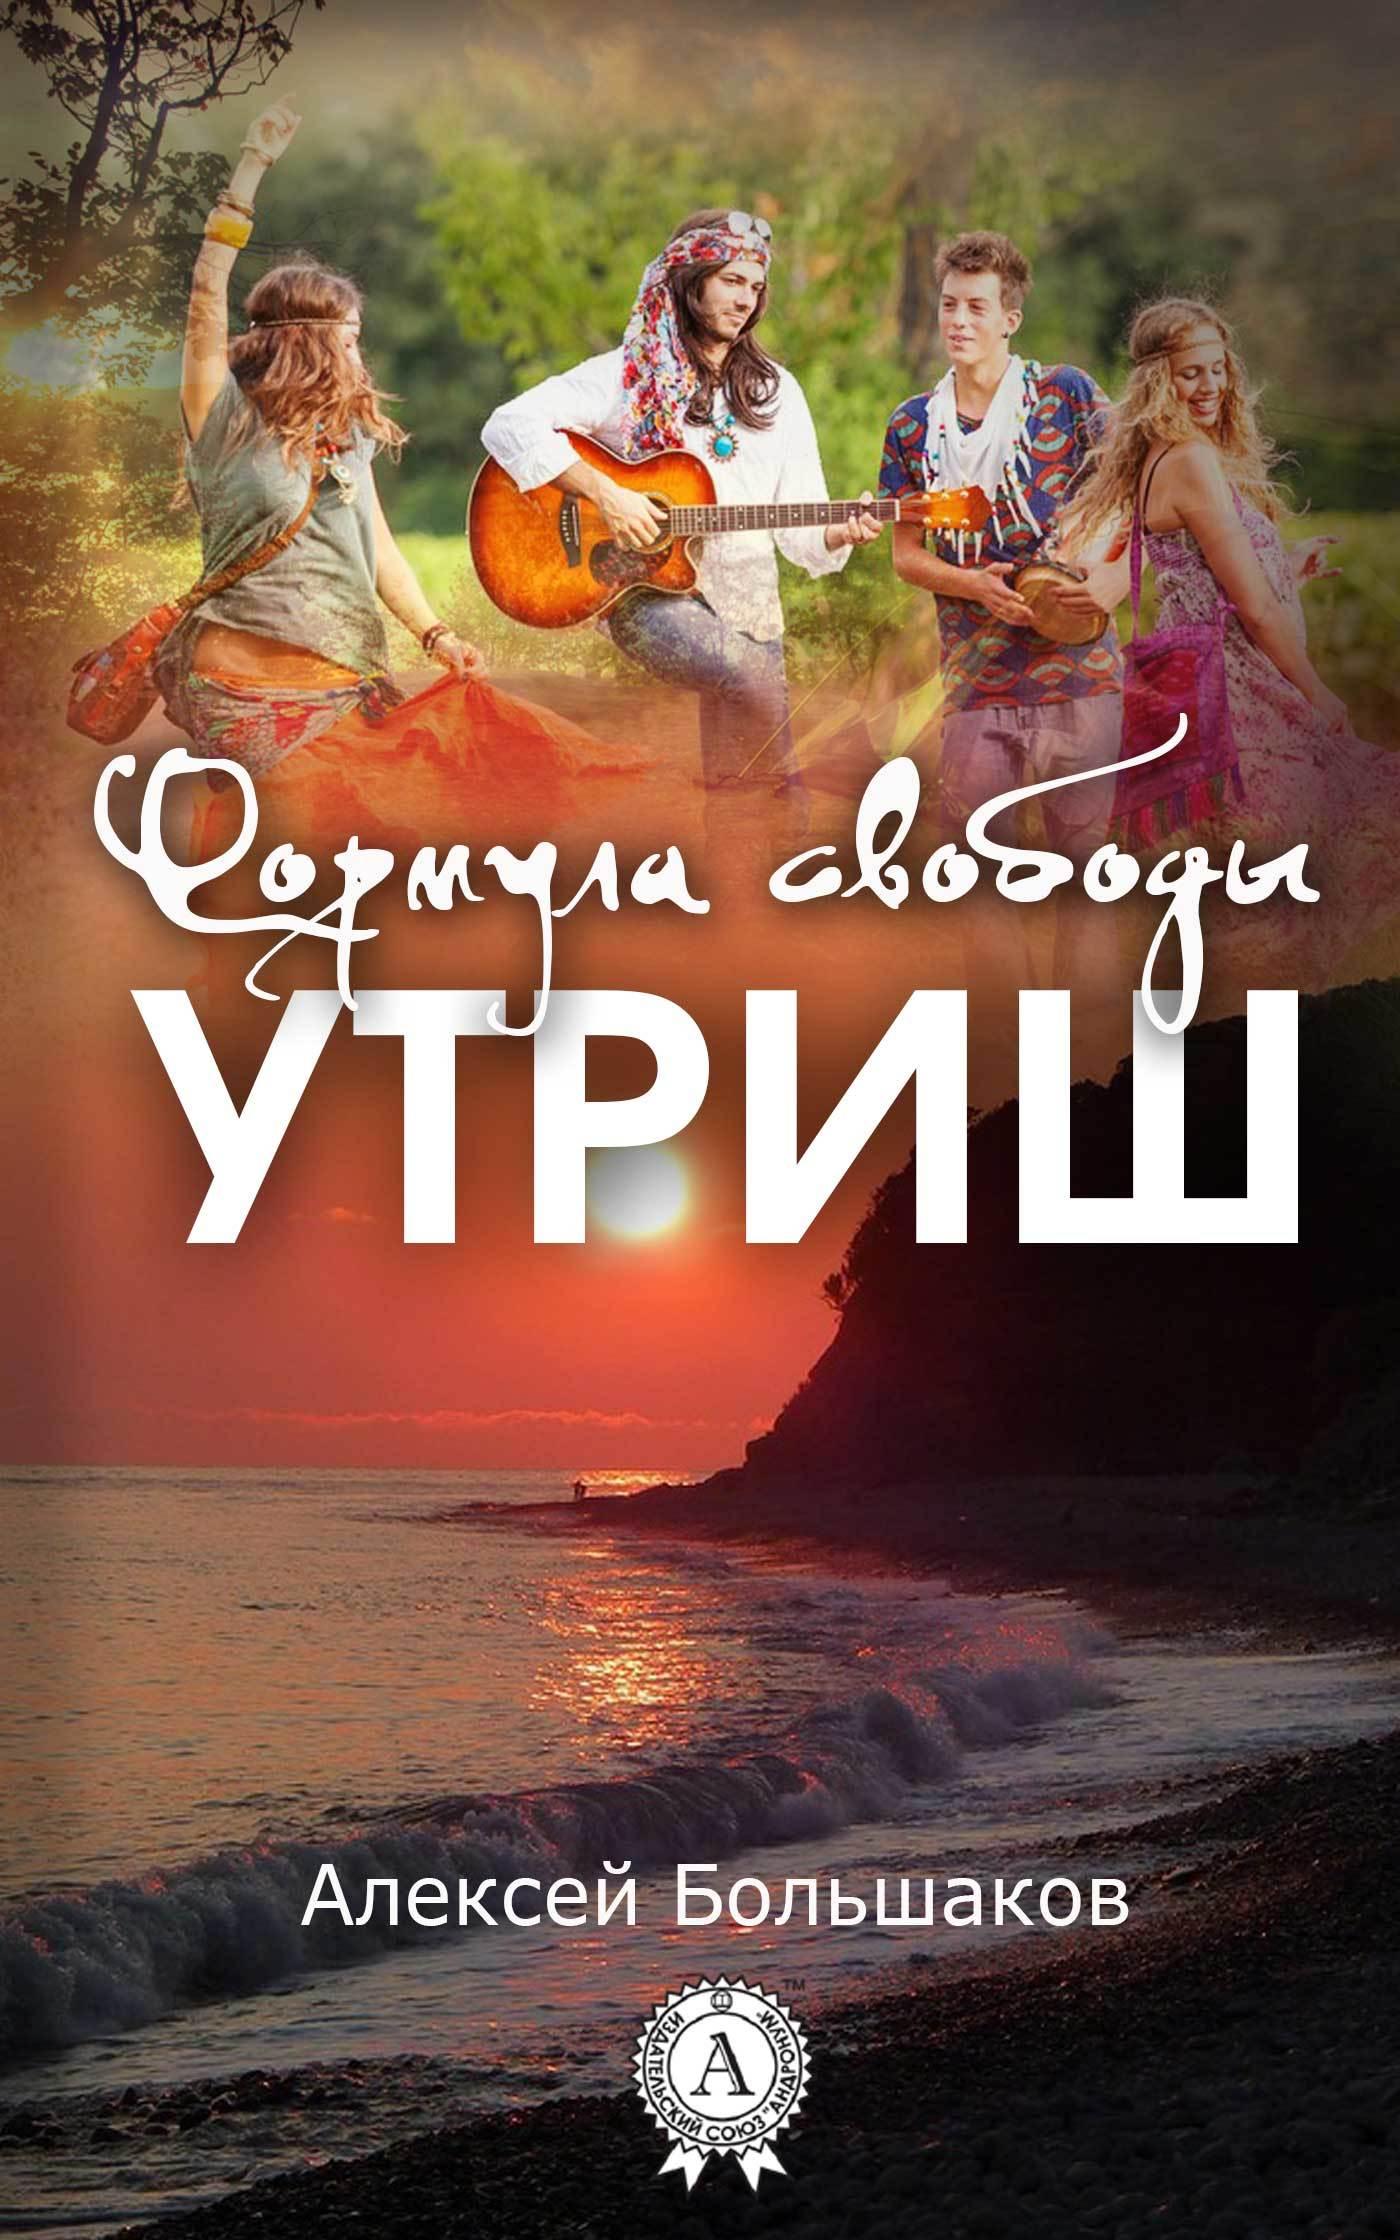 Обложка книги Формула свободы. Утриш, автор Большаков, Алексей